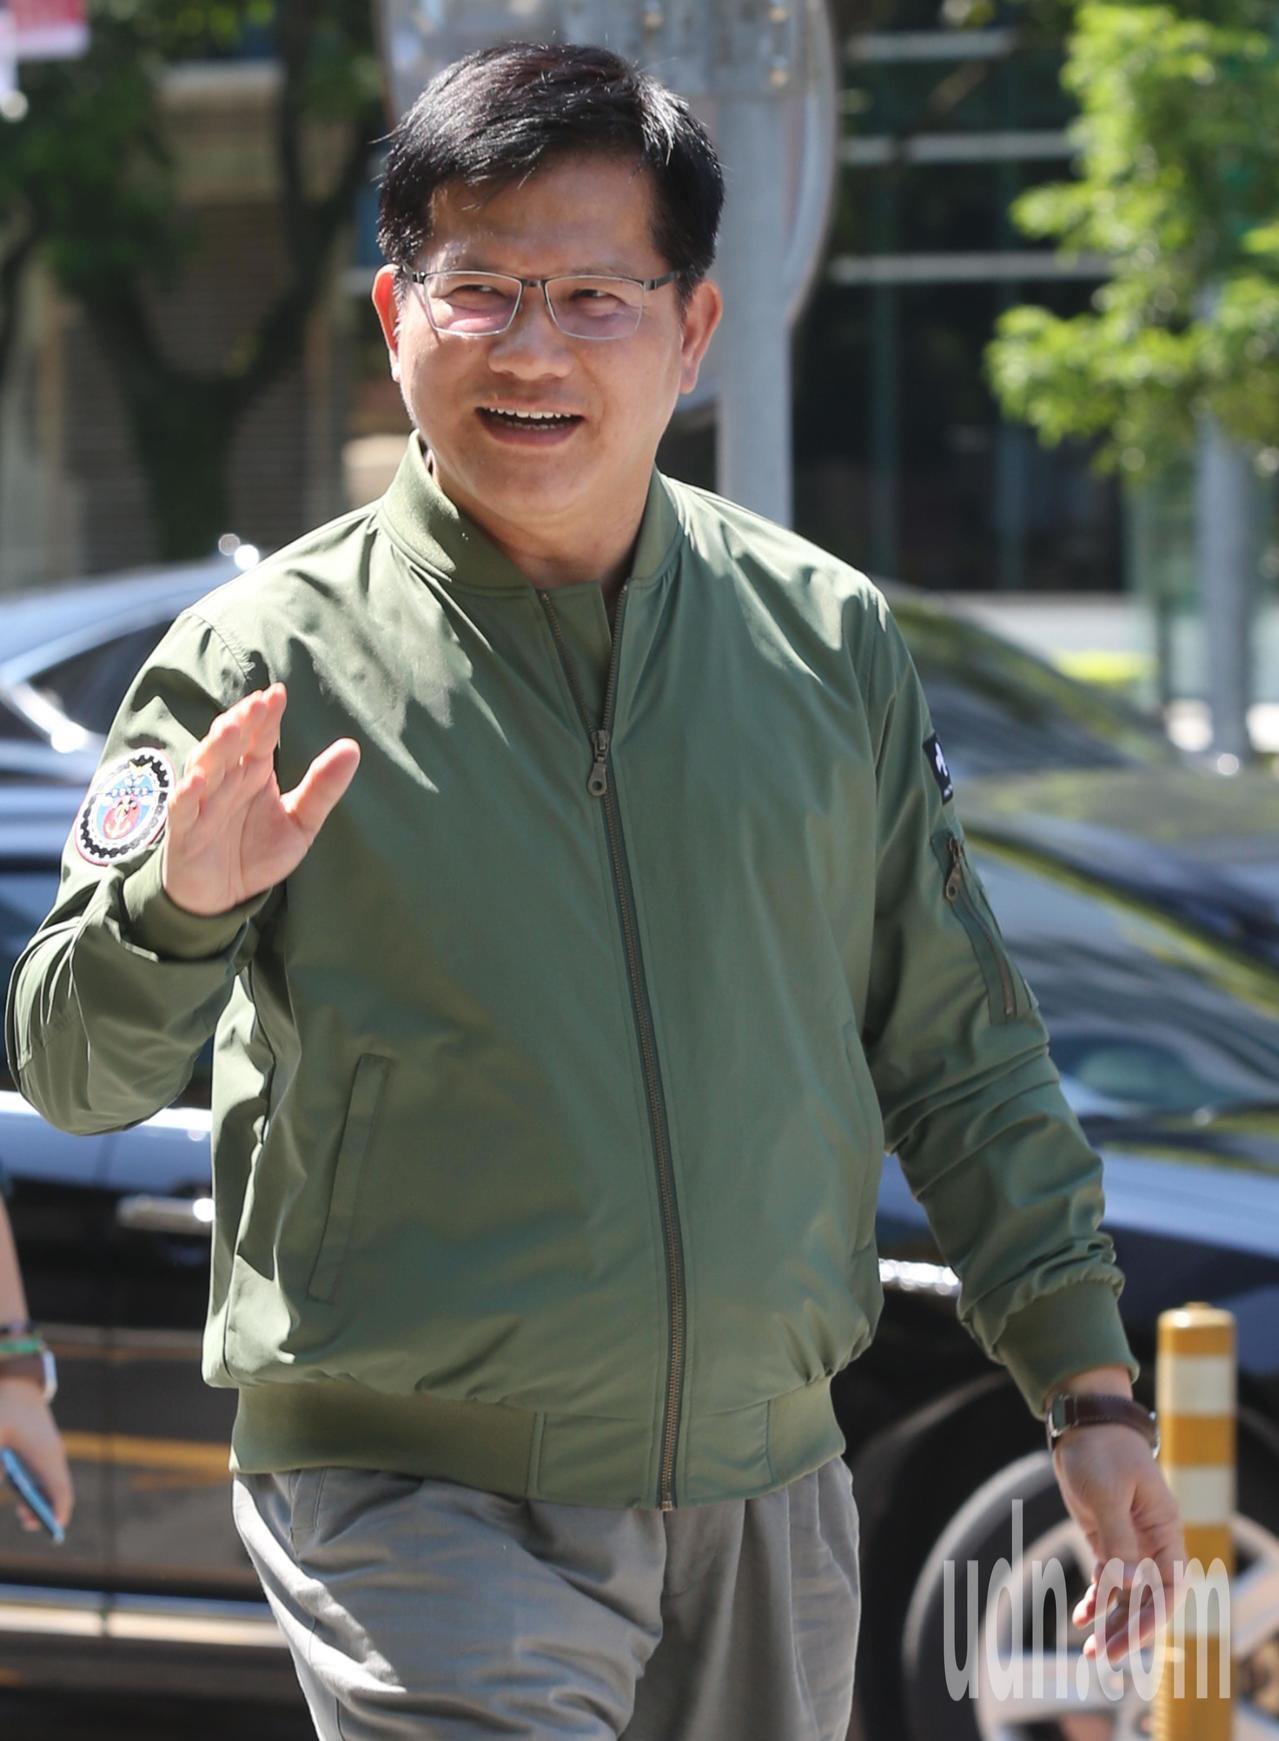 交通部長林佳龍上午針對華航涉嫌配合國安人員走私菸品醜聞,表示按法律來看就是走私案...